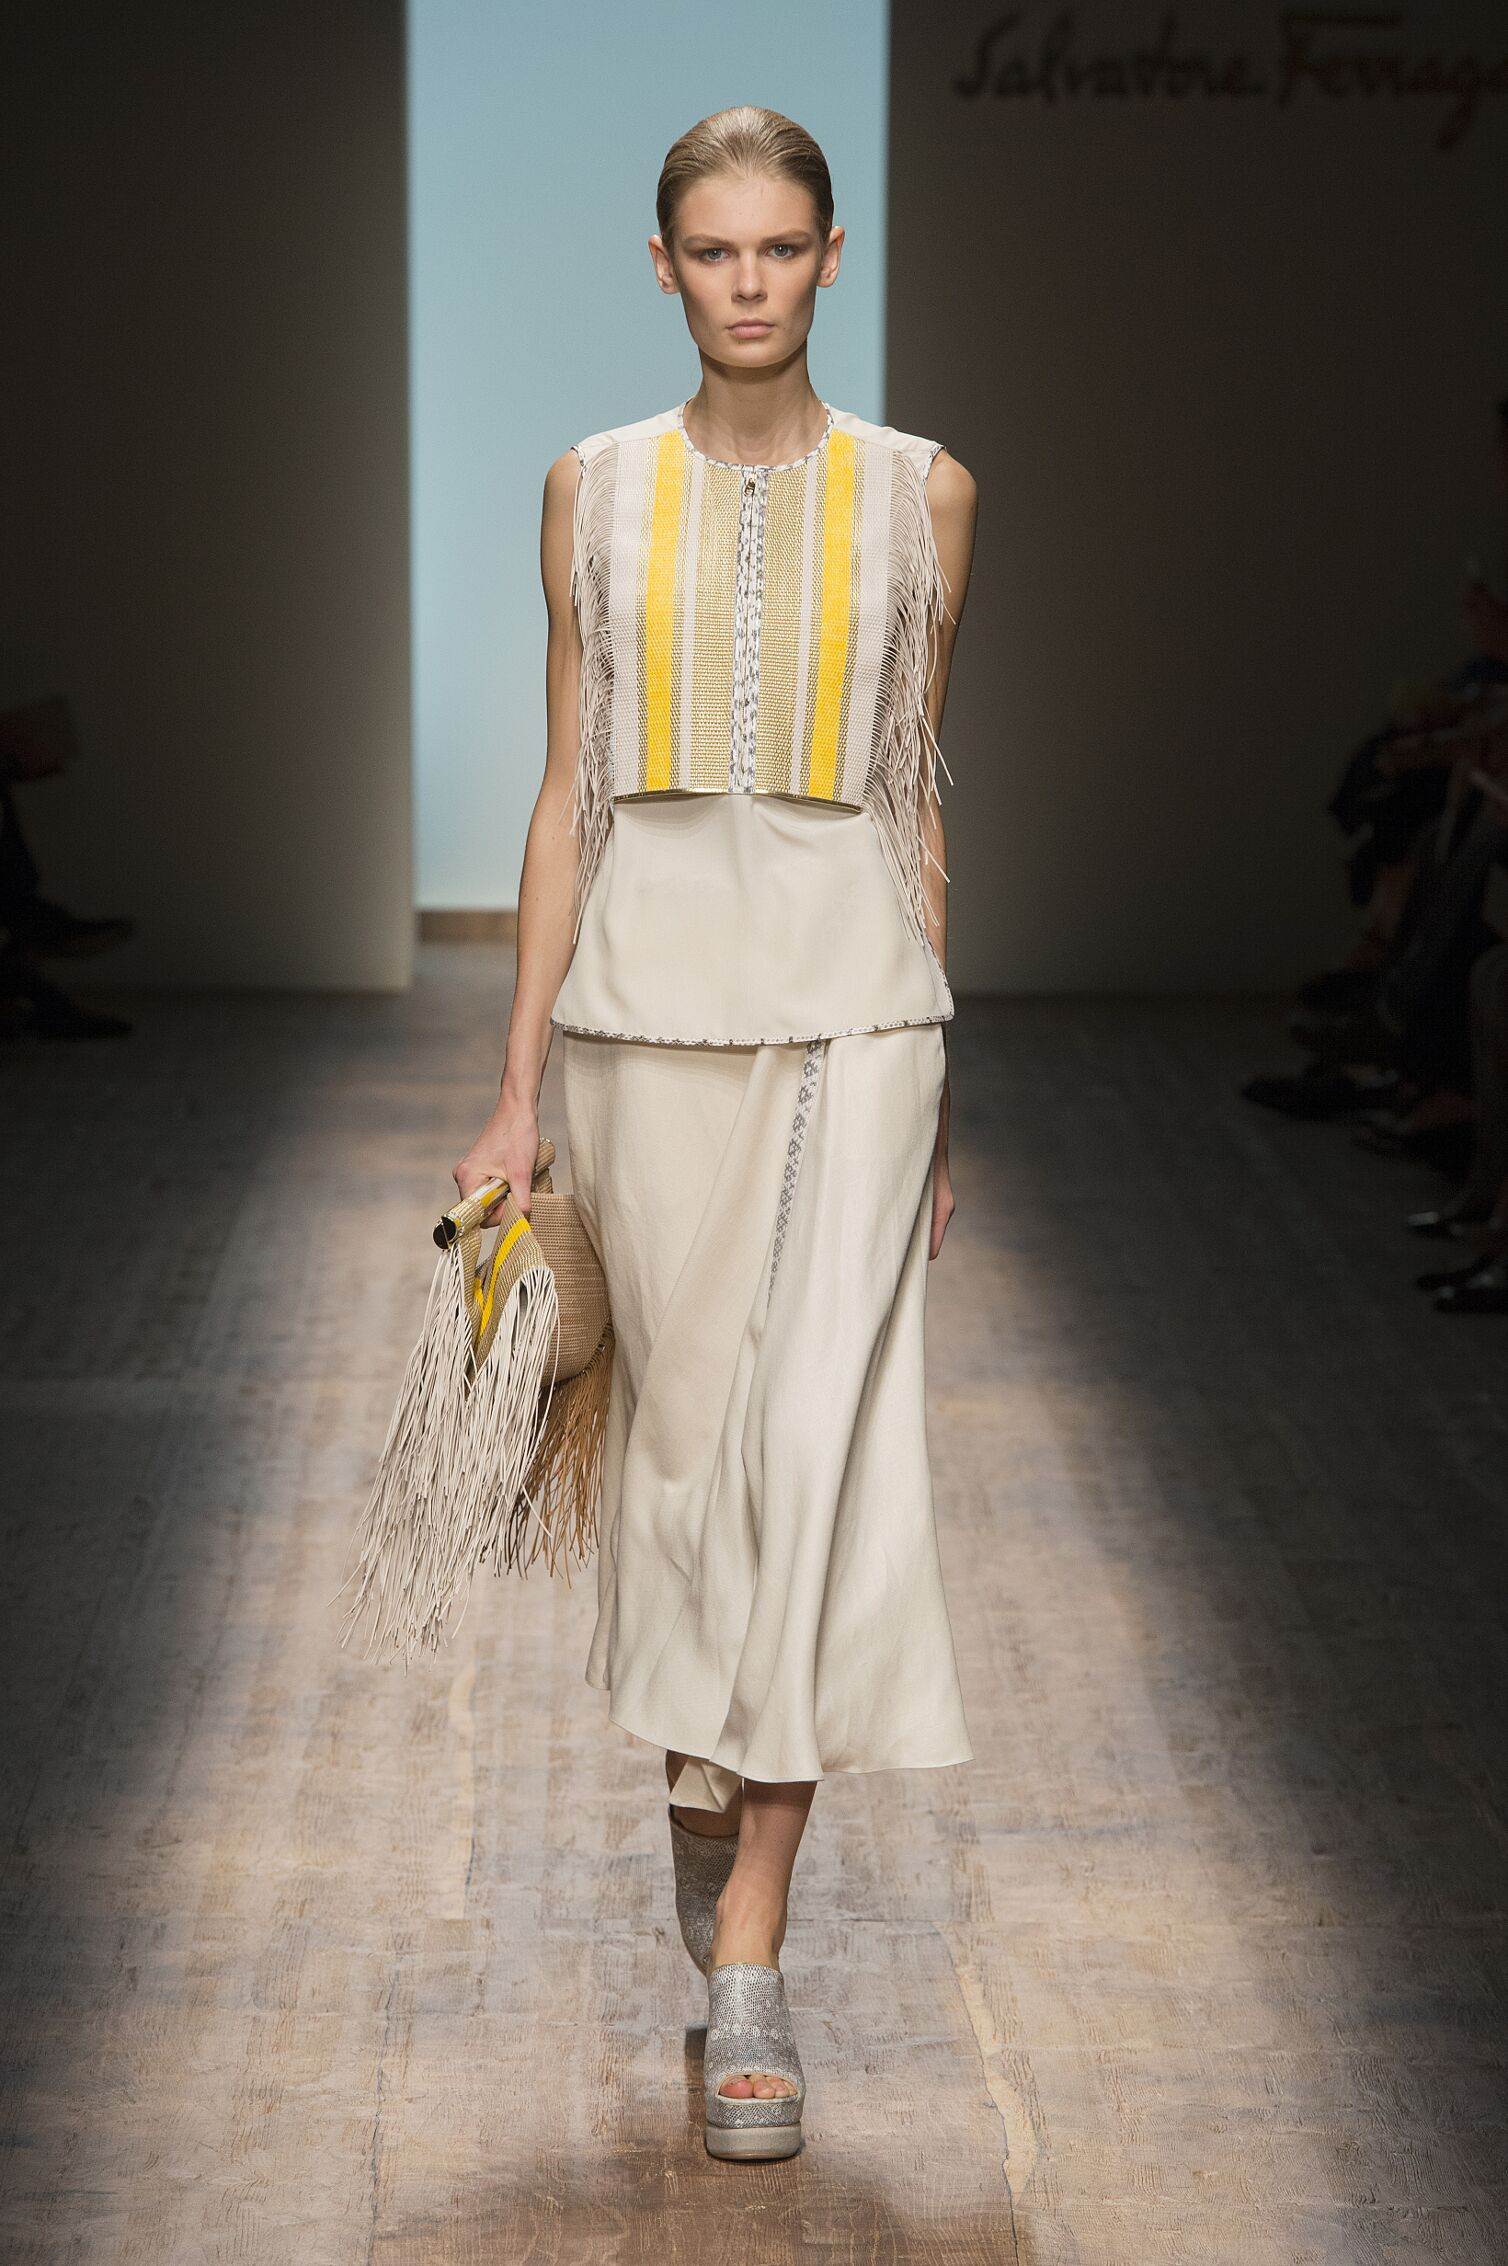 Spring 2015 Woman Fashion Show Salvatore Ferragamo